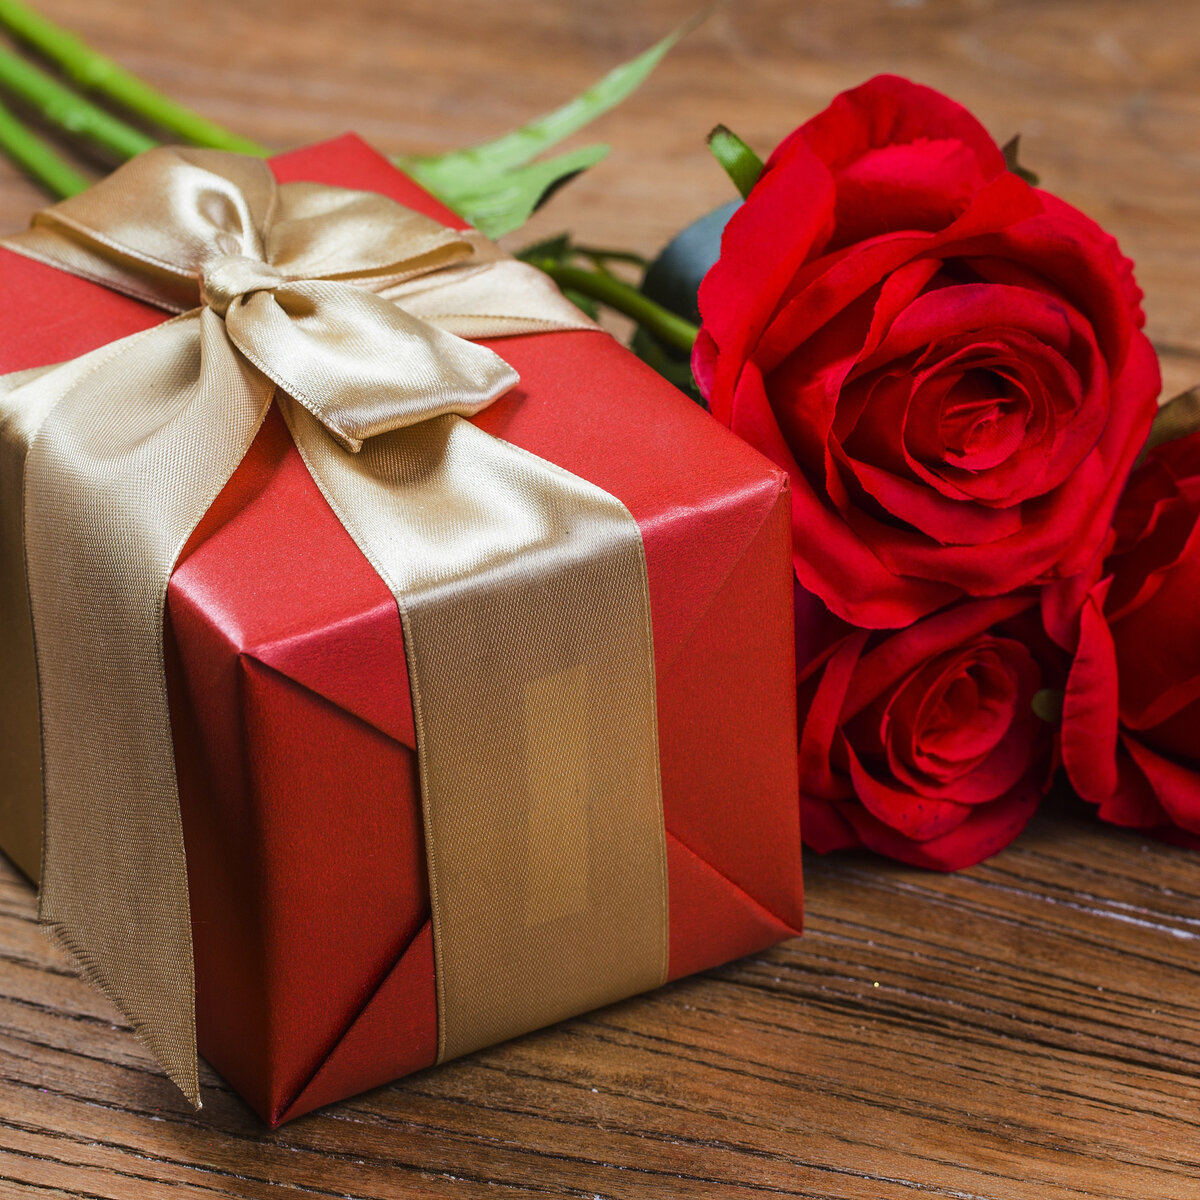 красивые картинки роз с подарками системы